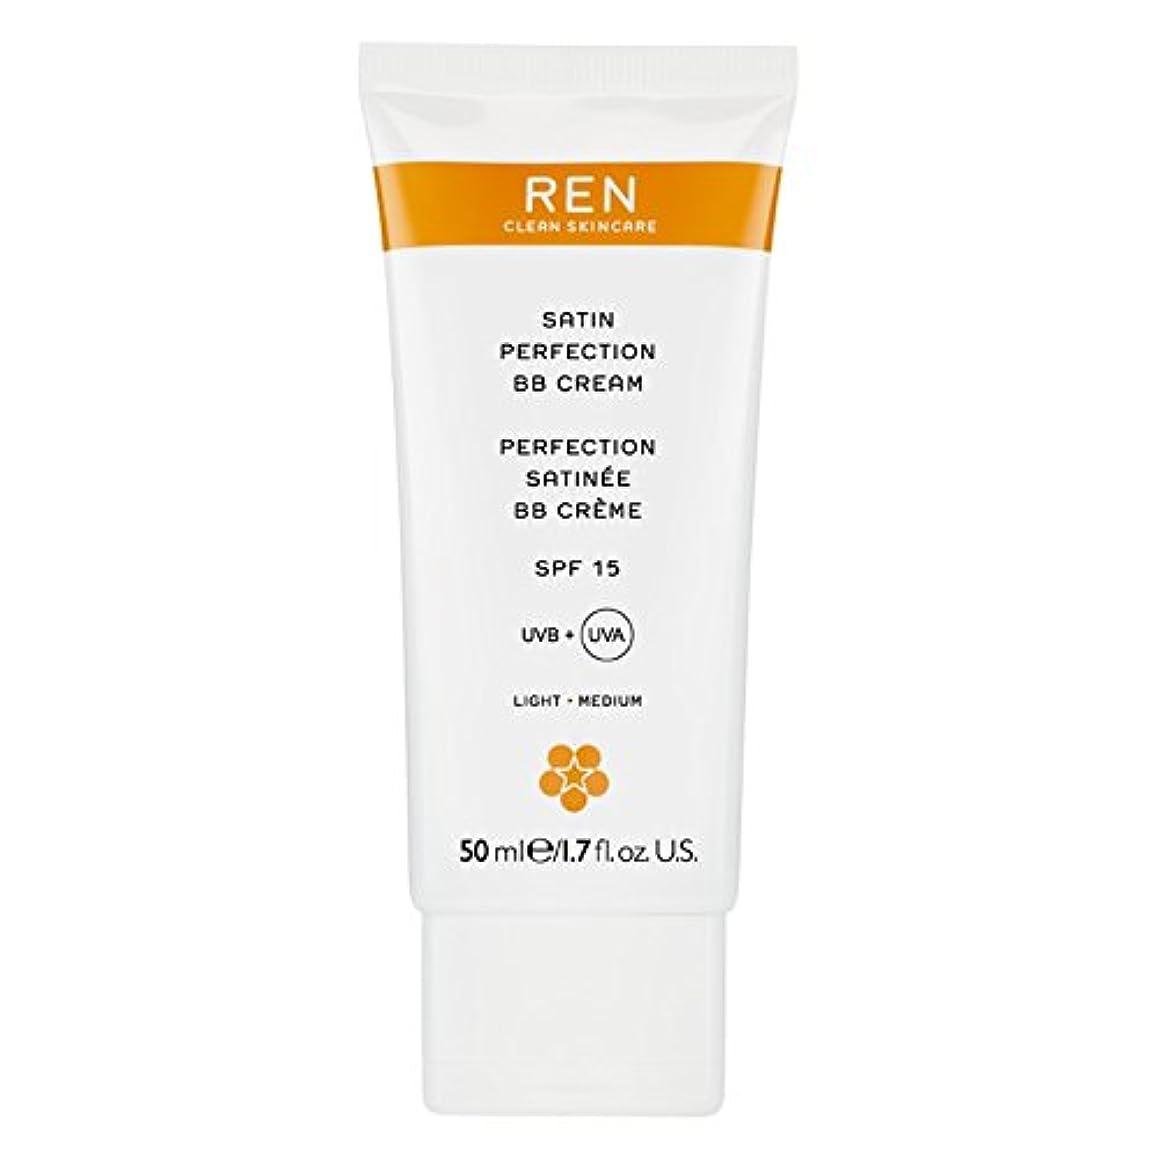 レジ追放著者Renサテン完璧Bbクリーム50ミリリットル (REN) (x6) - REN Satin Perfection BB Cream 50ml (Pack of 6) [並行輸入品]